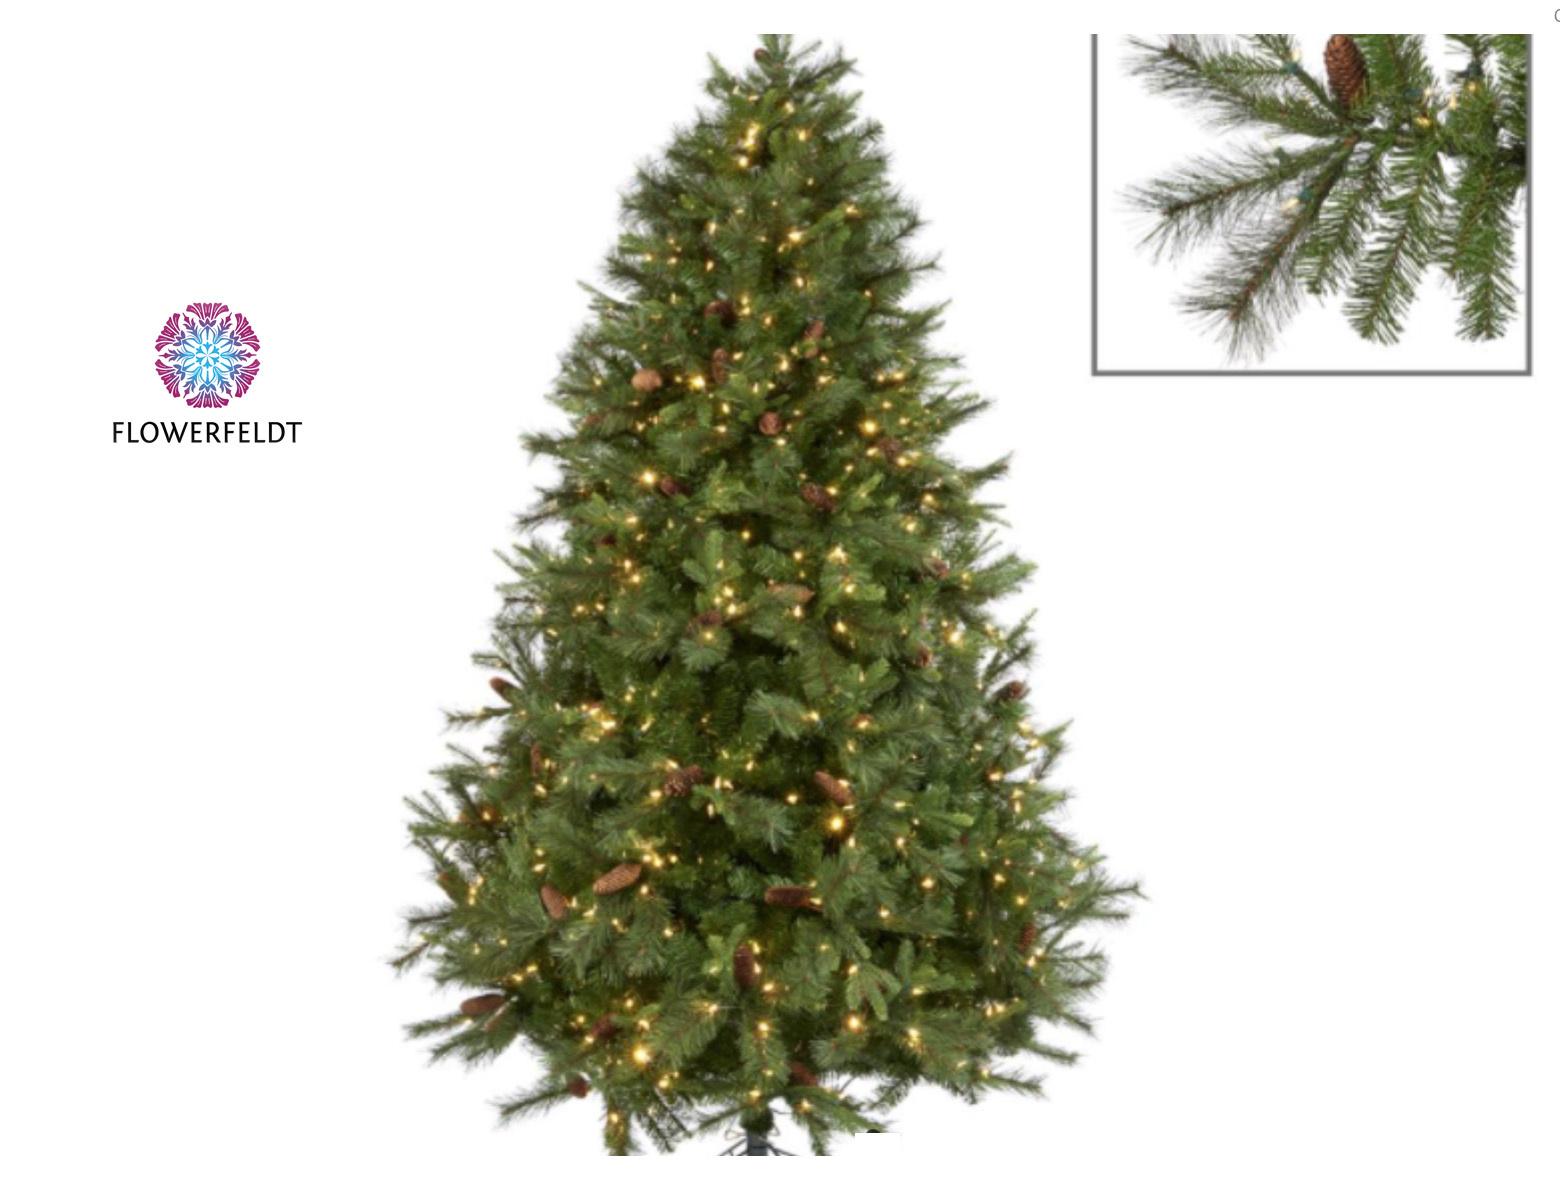 Goodwill 225 cm Weihnachtsbaum mit Tannenzapfen